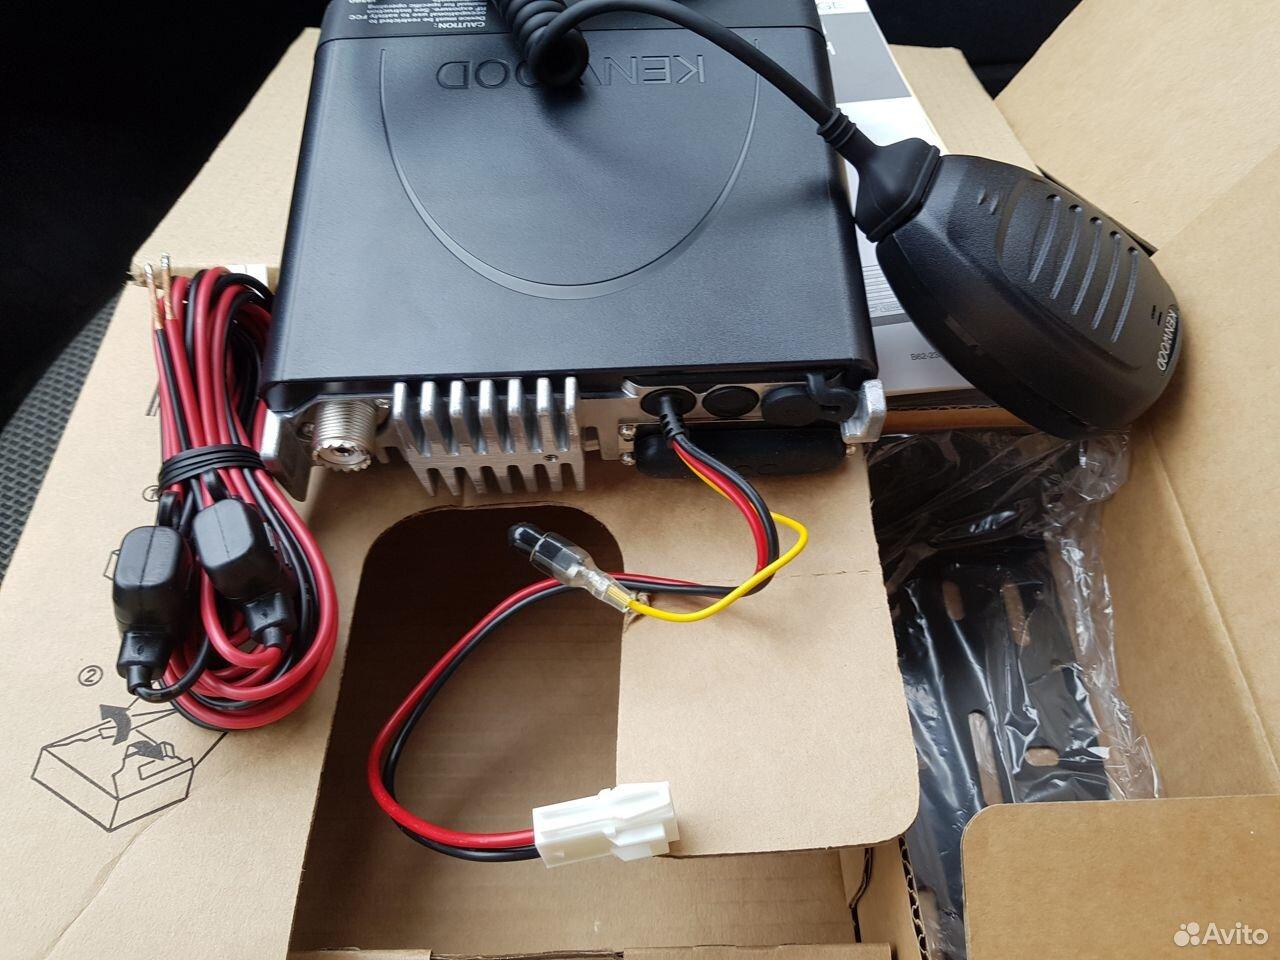 Мобильная радиостанция Kenwood nexedge NX800  89194728971 купить 4